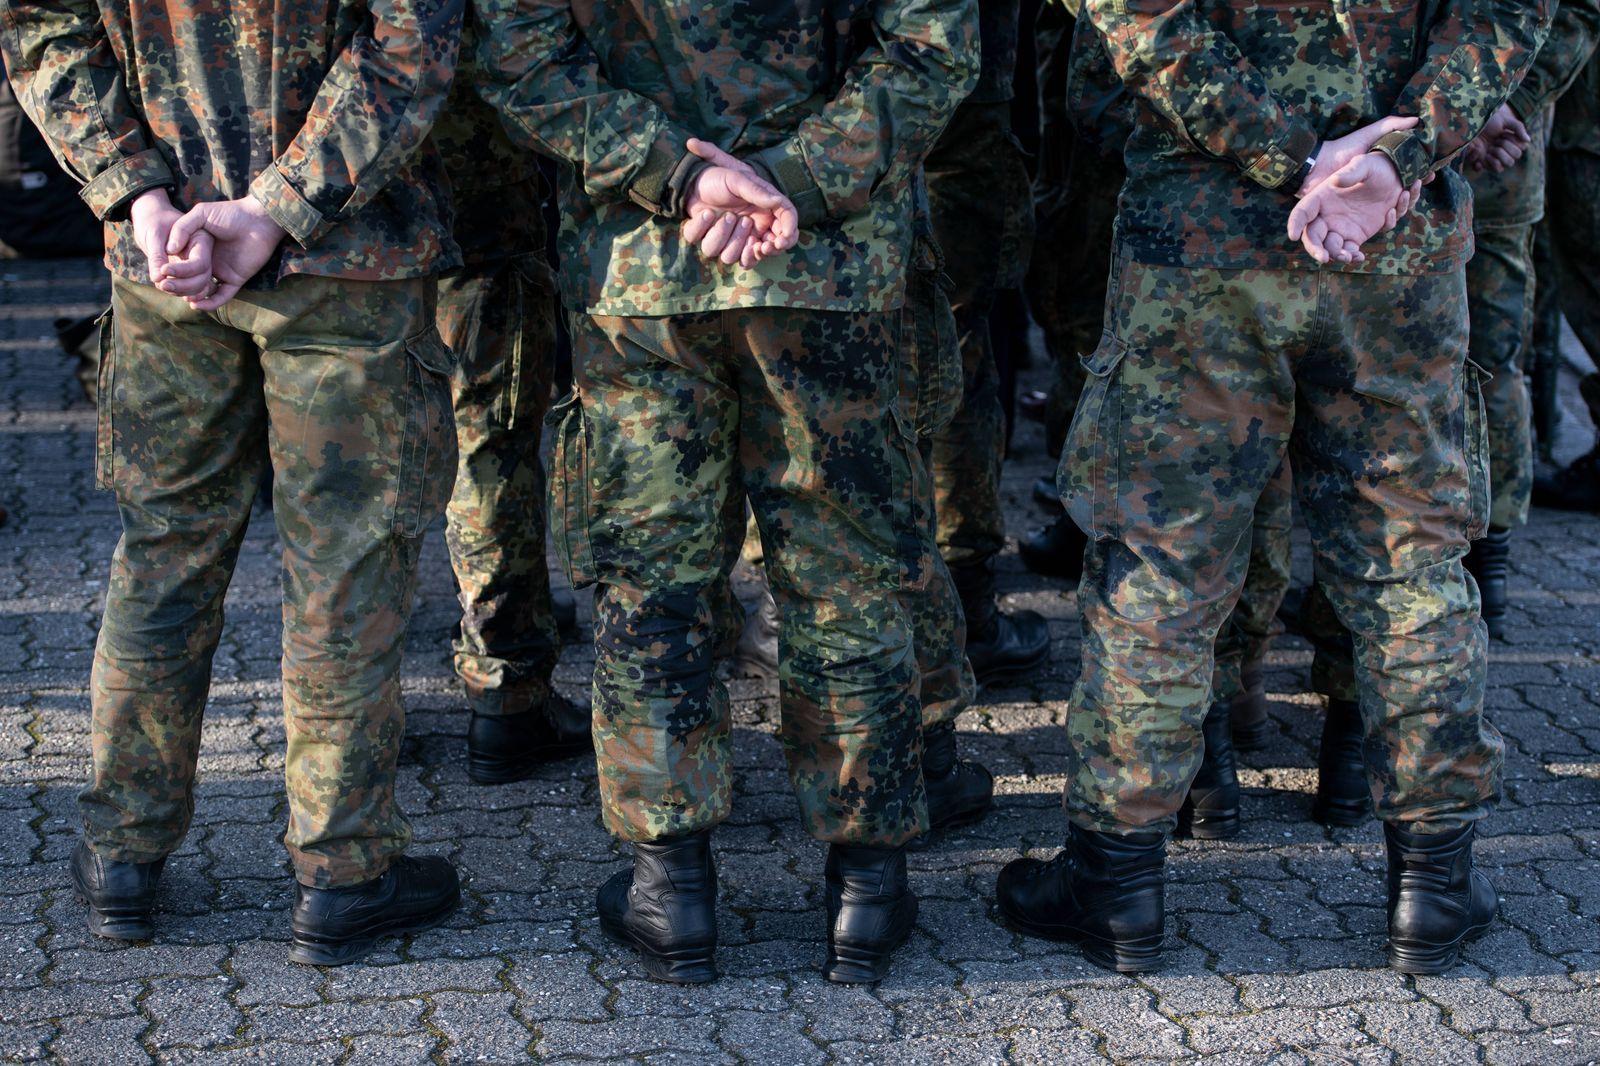 Luftwaffenausbildungsbataillon Germersheim 16.02.2020 Germersheim x1x Südpfalz-Kaserne - das Luftwaffenausbildungsbatai